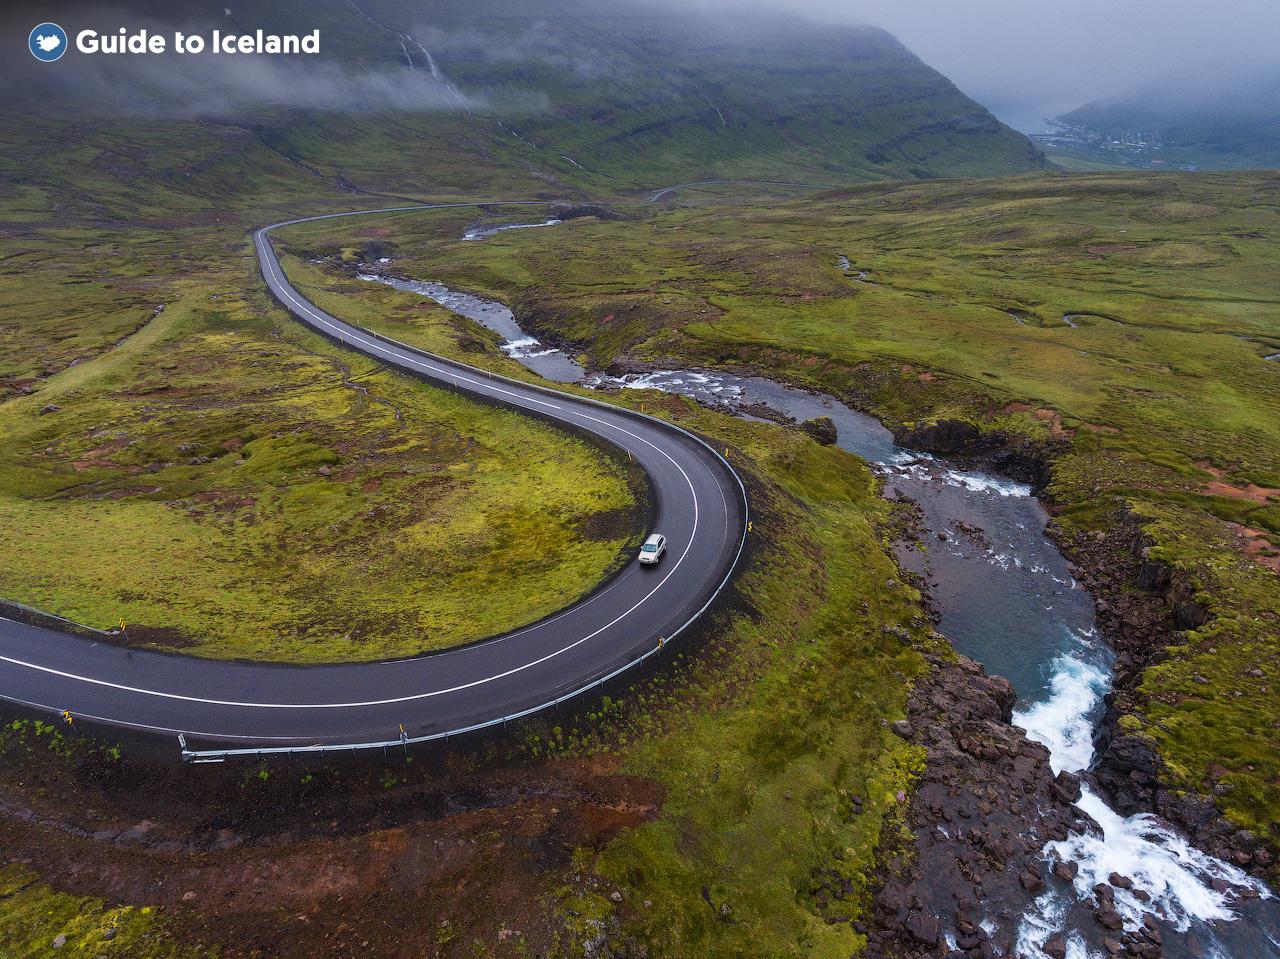 10 dni, samodzielna podróż | Dookoła Islandii zgodnie z ruchem wskazówek zegara - day 6